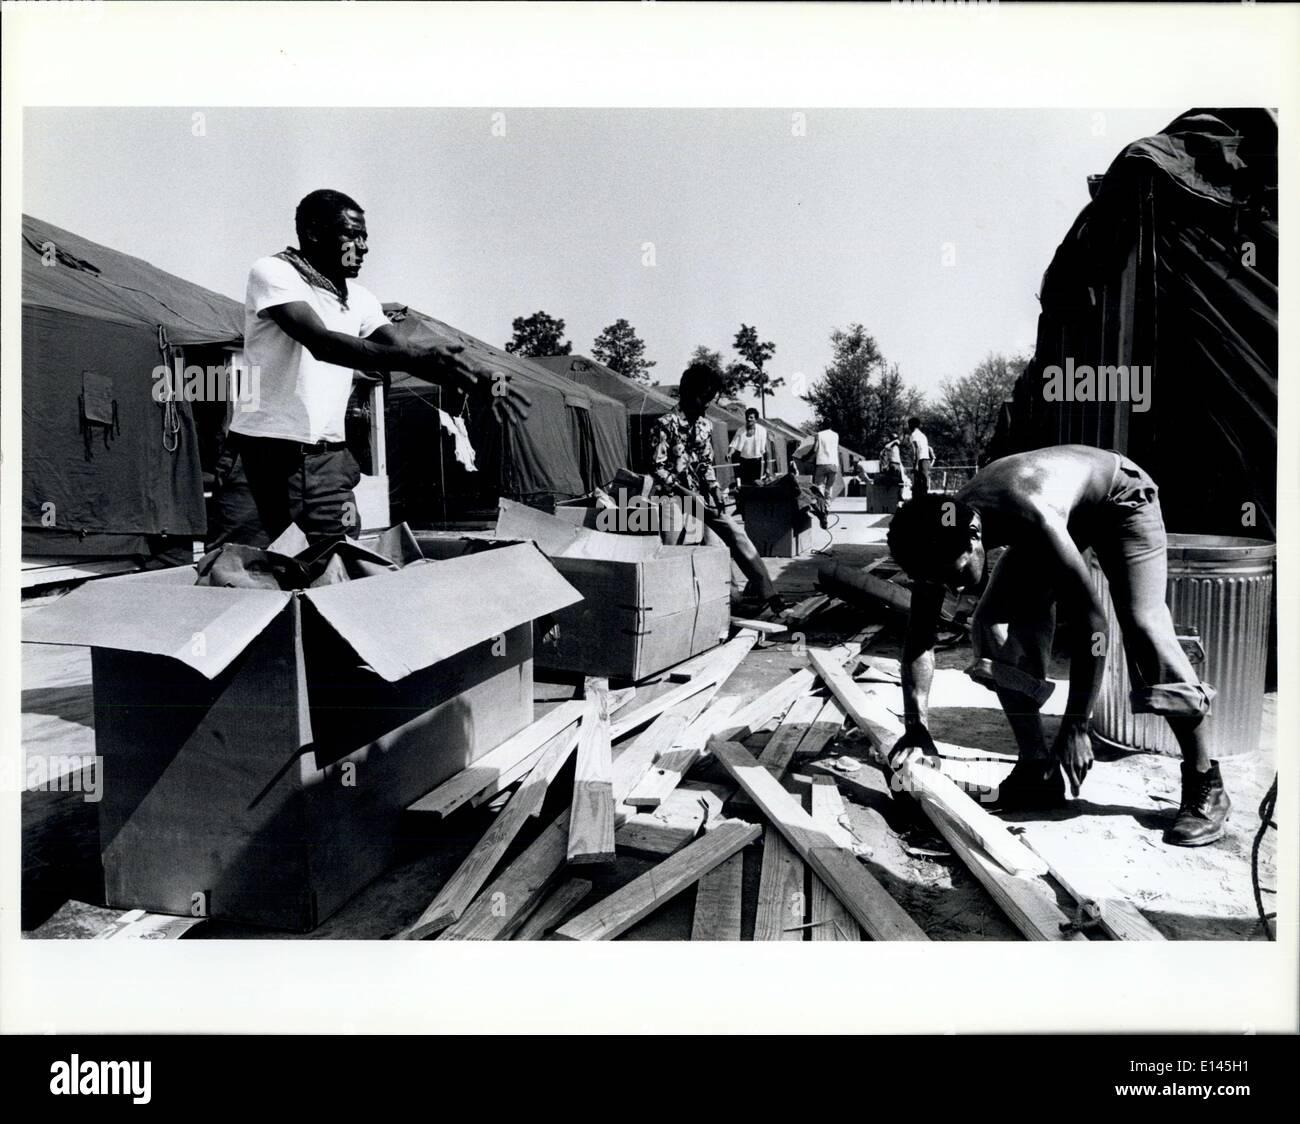 Apr. 04, 2012 - rifugiati cubani che passo per aiutare a ripulire la zona nella Tendopoli eretta al Ft. Walton Beach fiera / Eglin Air Force Base. Foto Stock